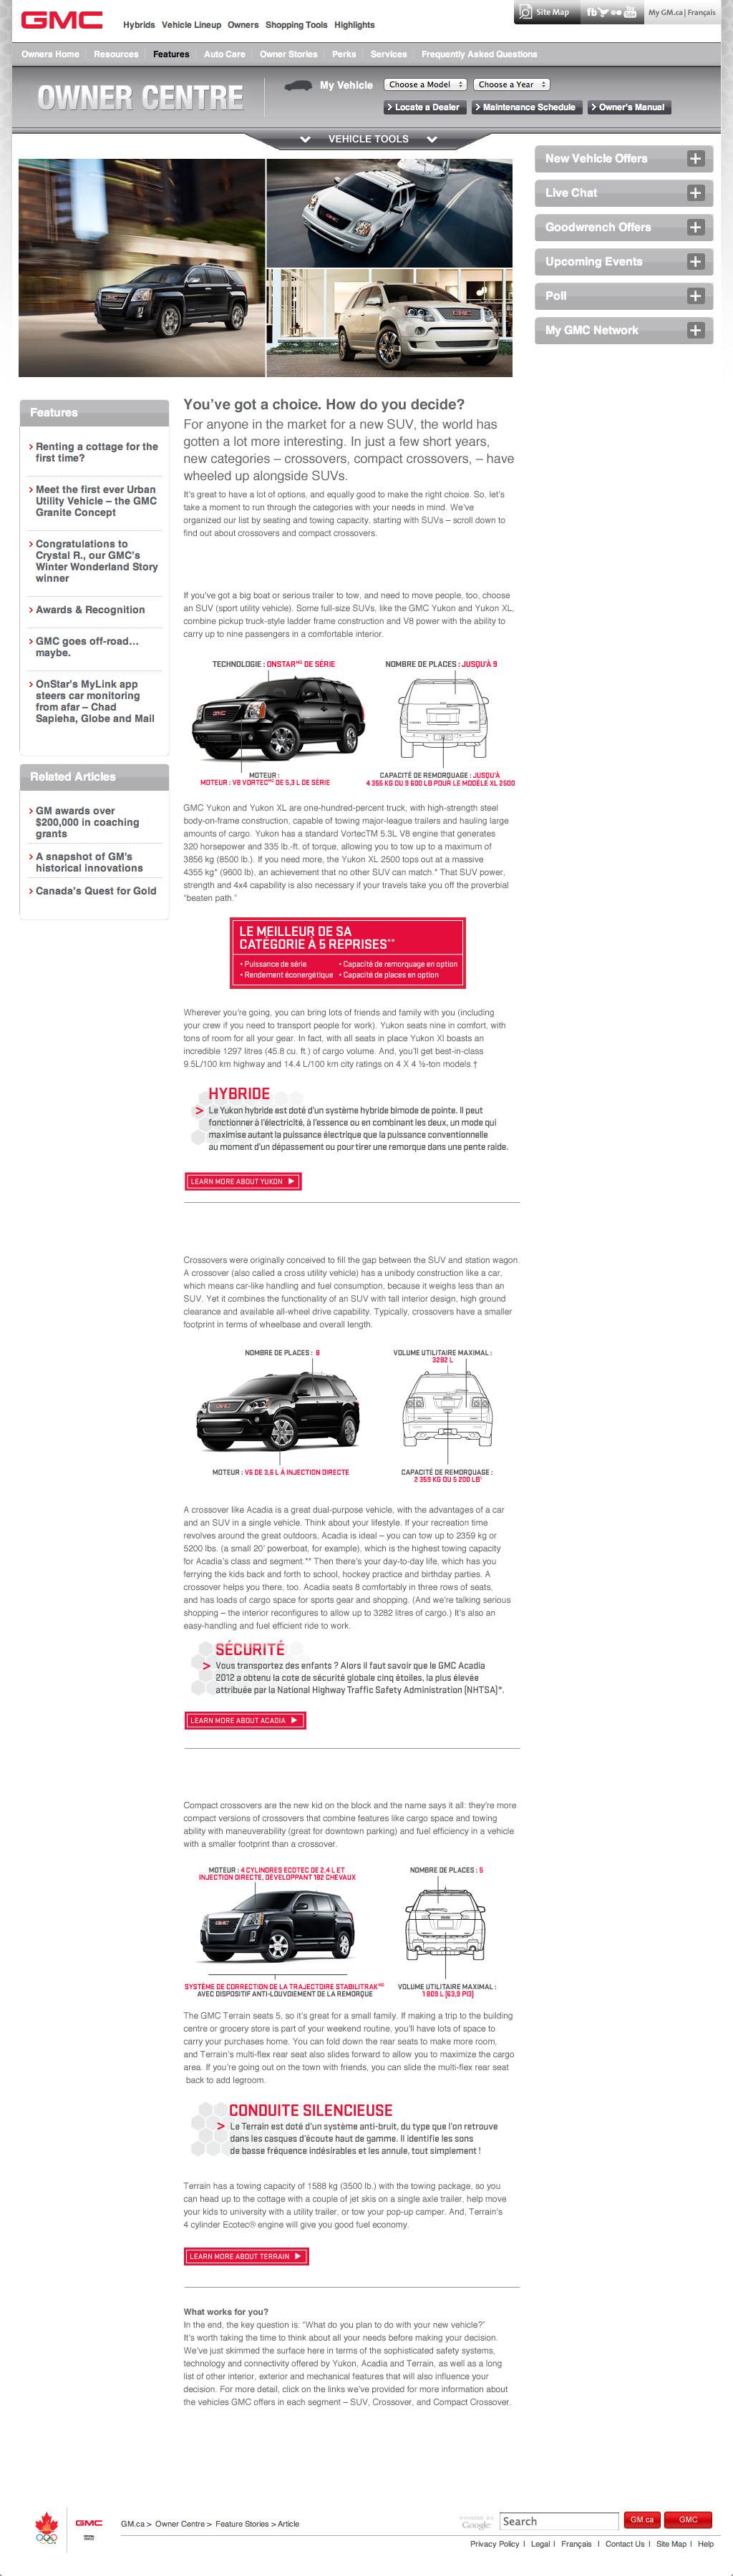 FEBRUARY_GMC_OC_SUV-Crossover_E.jpg